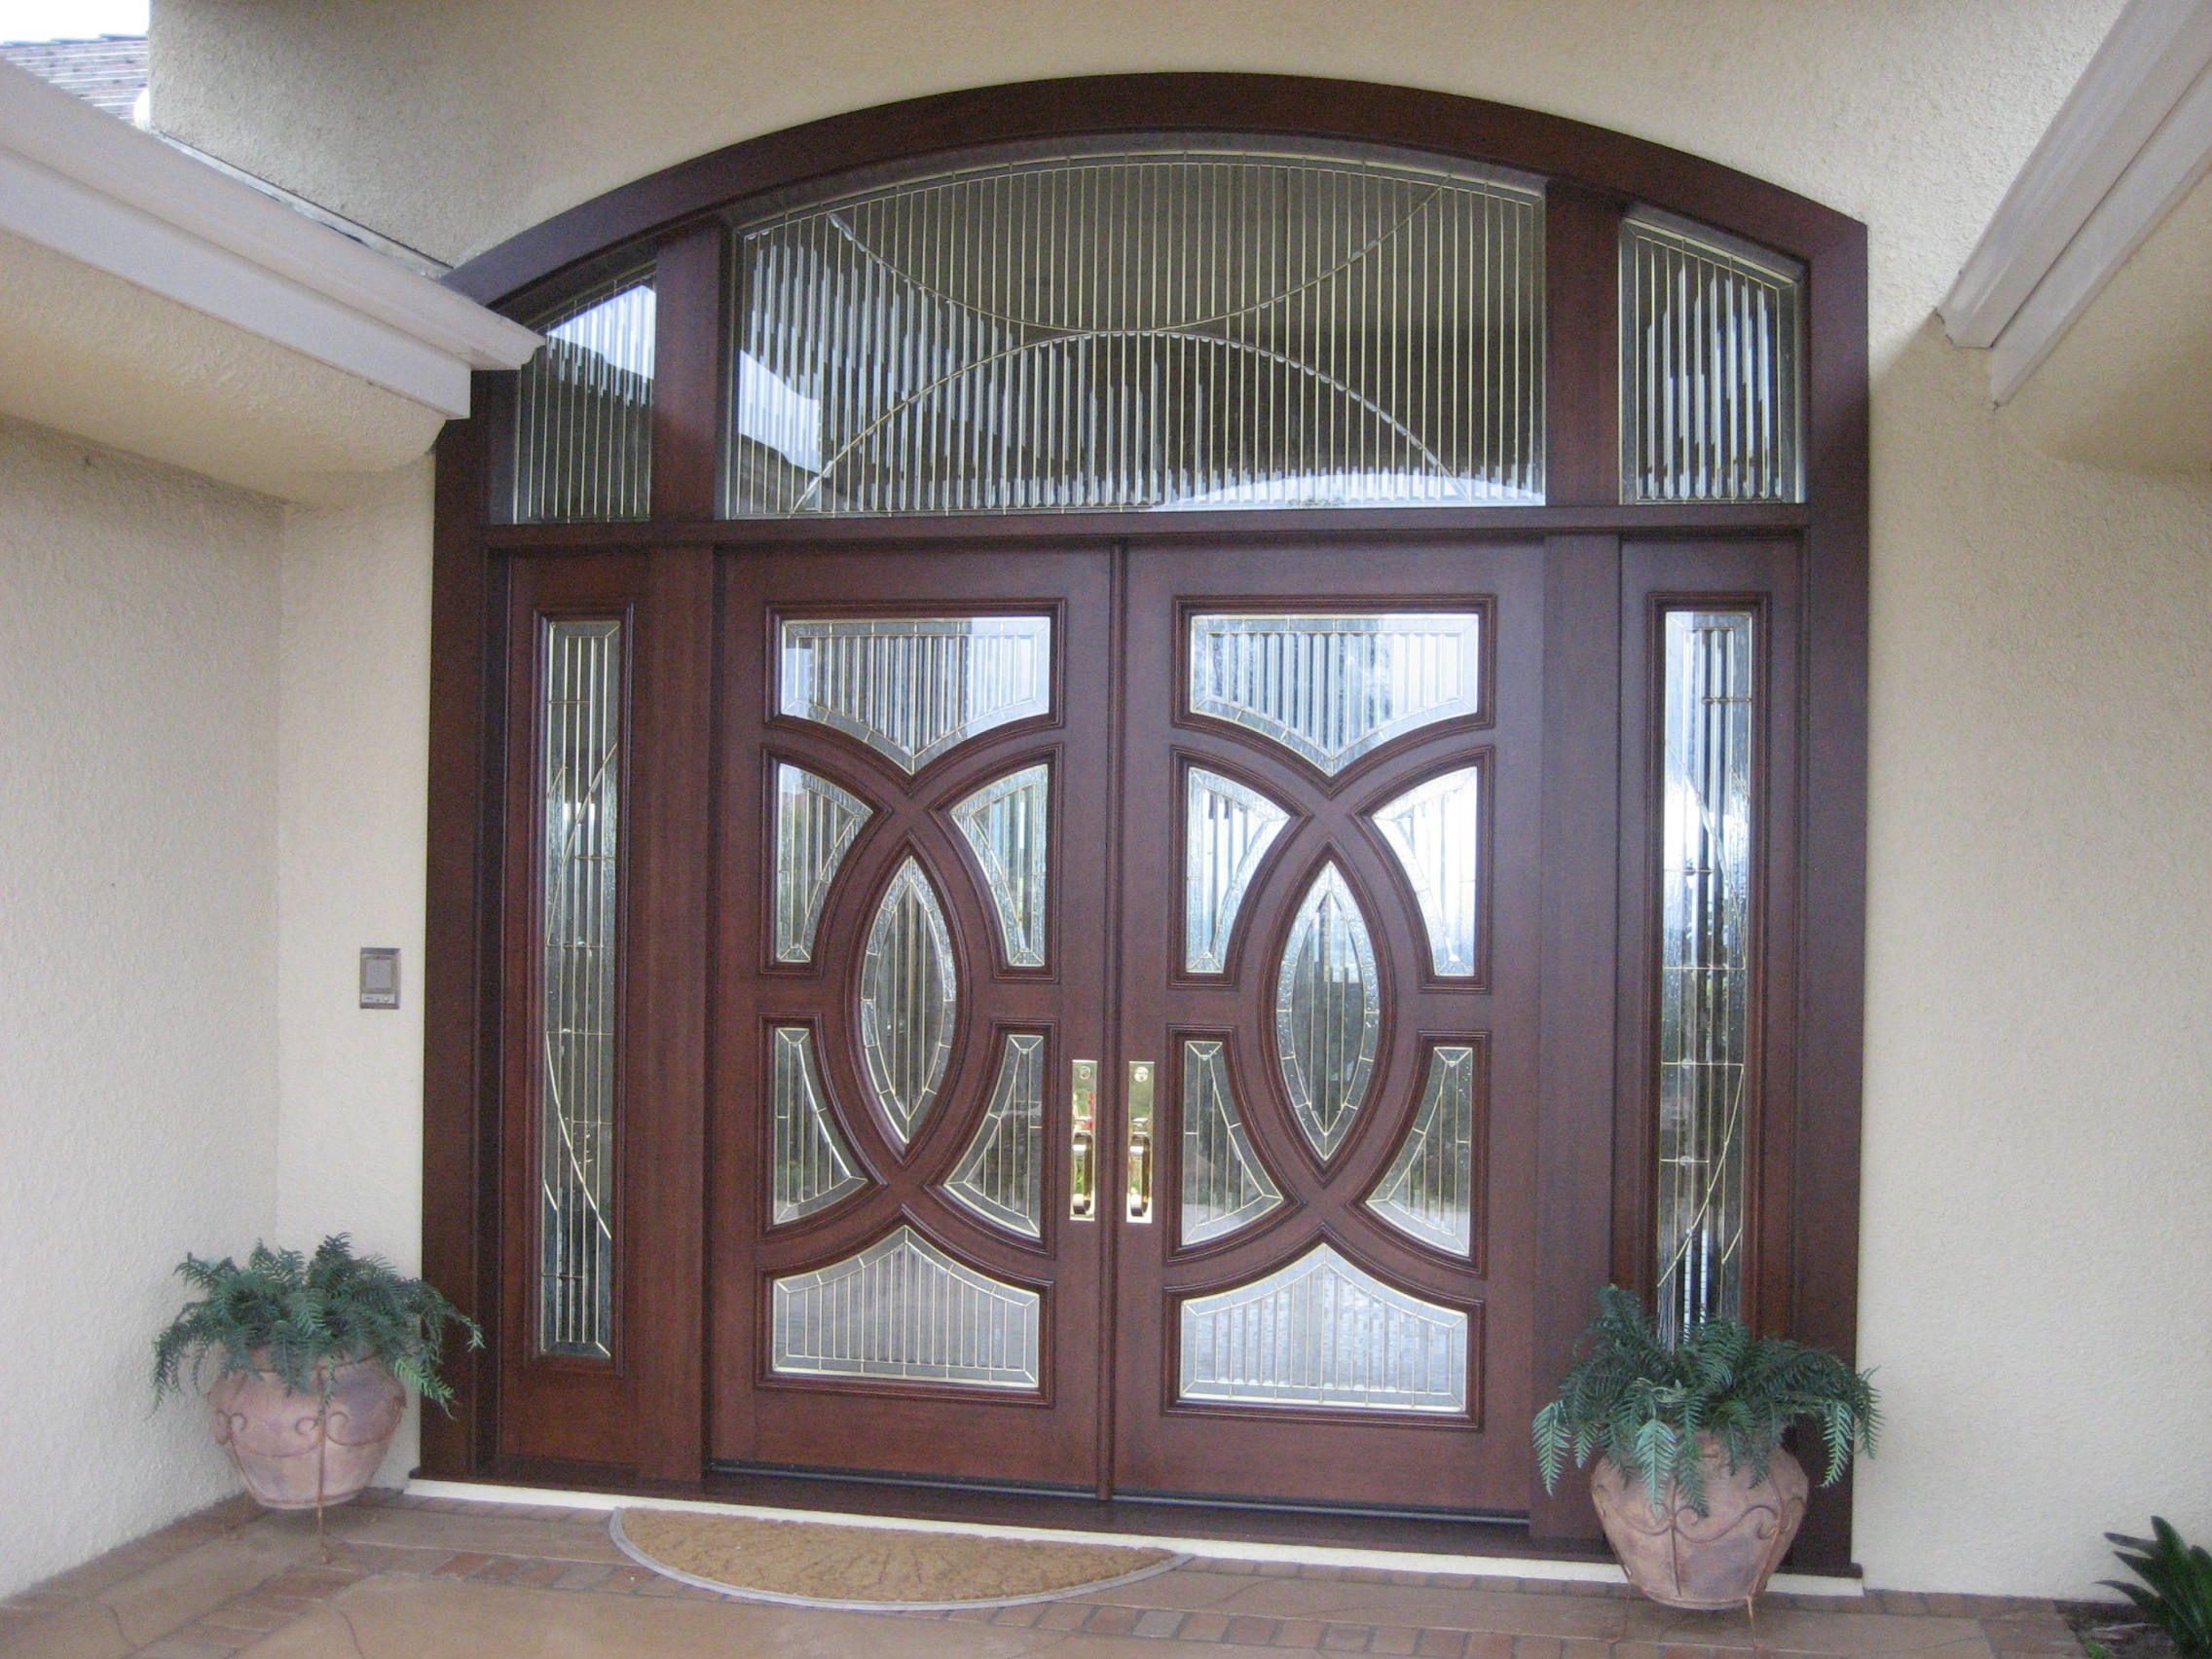 Custom Wood Door By Grand Entrances In San Diego Ca Modern Door Contemporary Front Door Contemporary Front Doors Diy House Projects Custom Wood Doors